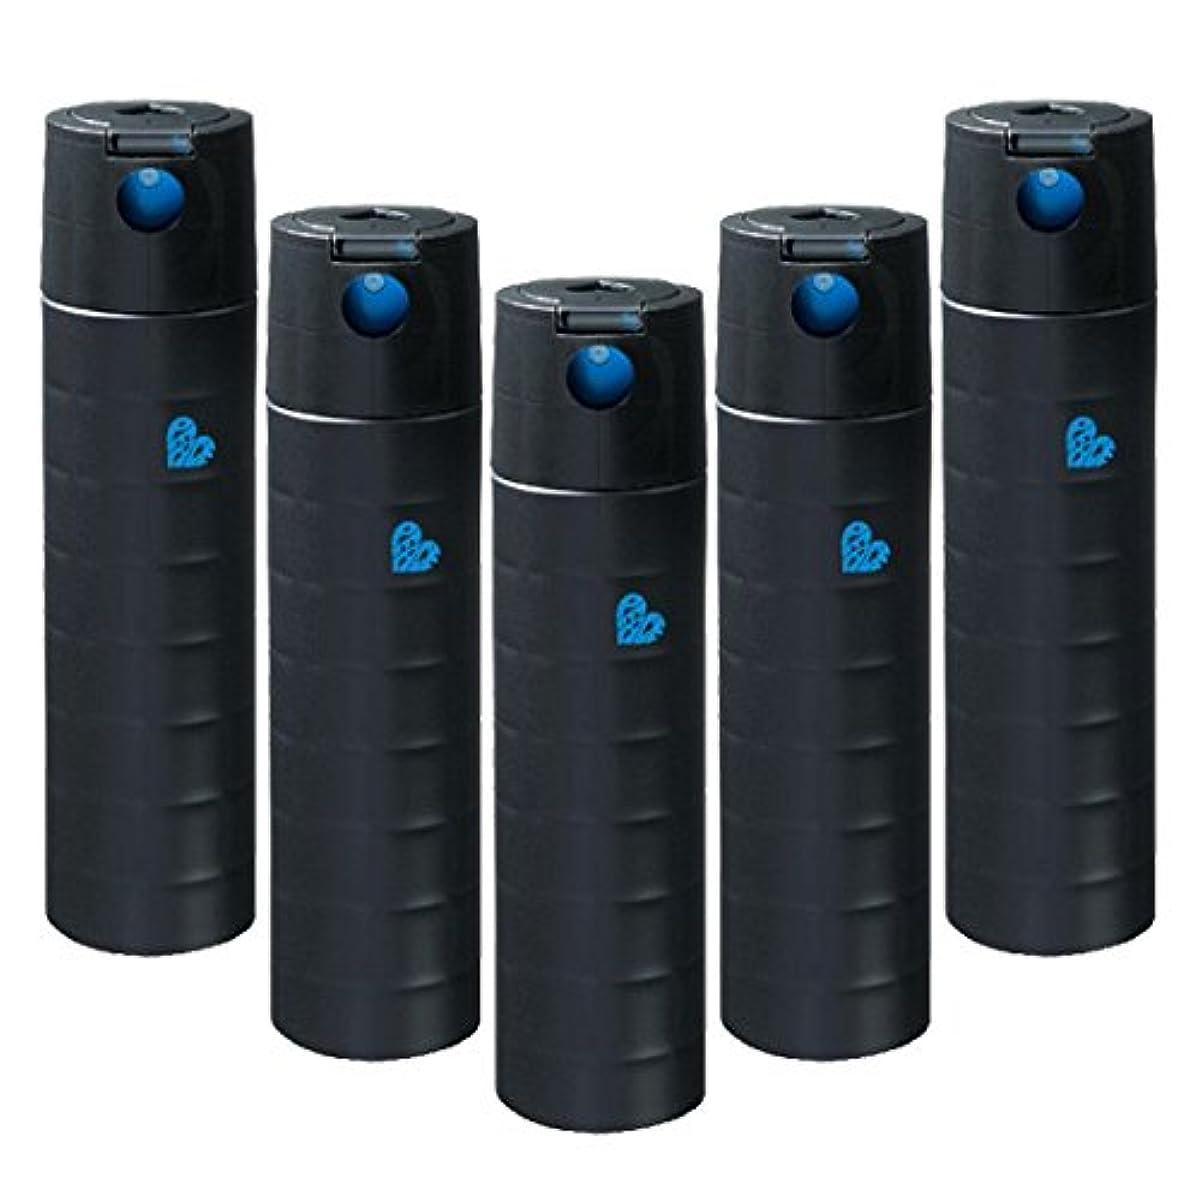 ステープルコア第二【x5個セット】 アリミノ ピース フリーズキープspray ブラック 140g (200ml) スプレーライン